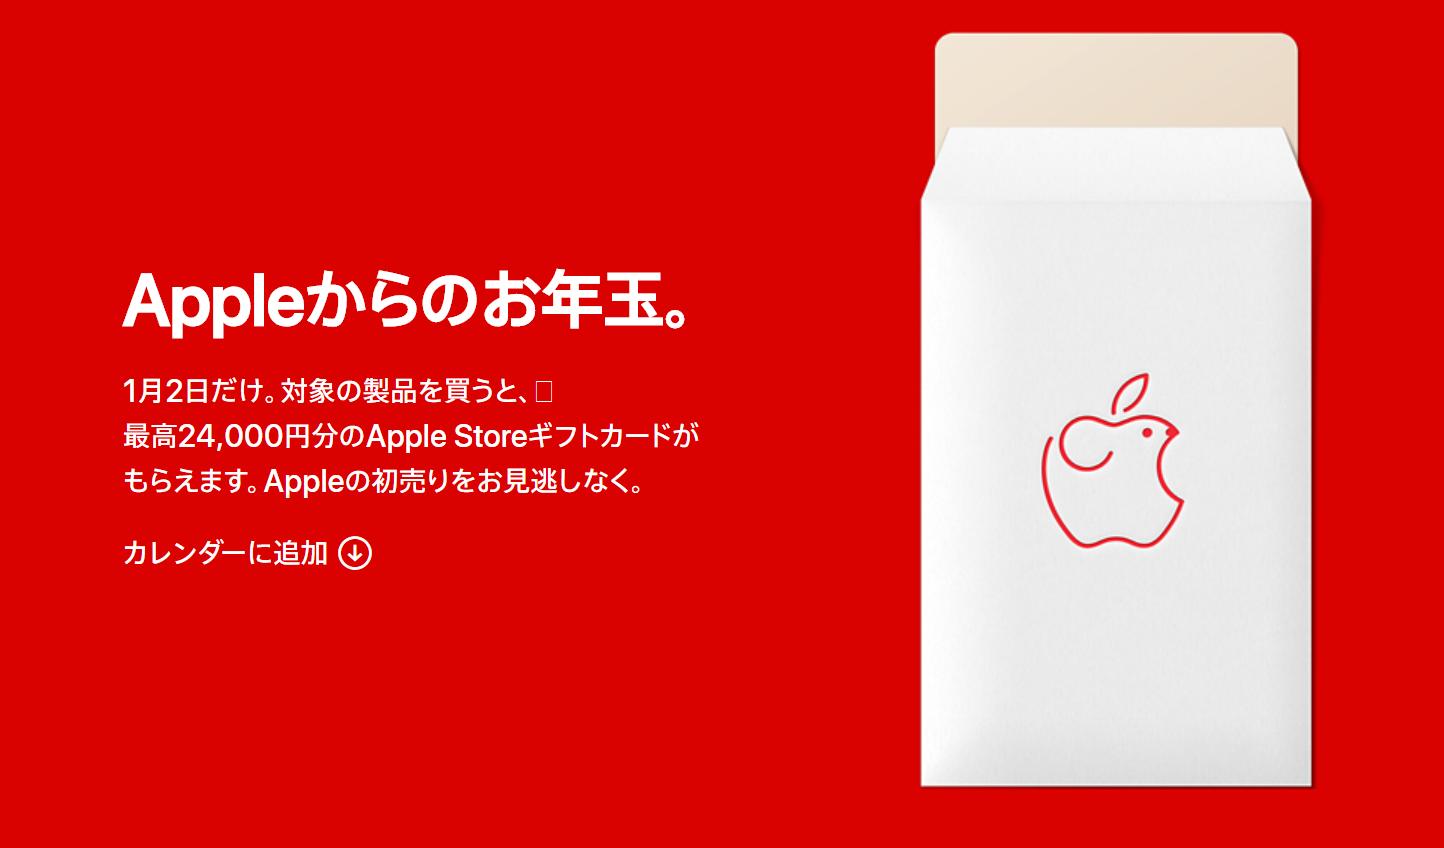 苹果新年活动率先在日本开启:购买产品返 1500 元礼券